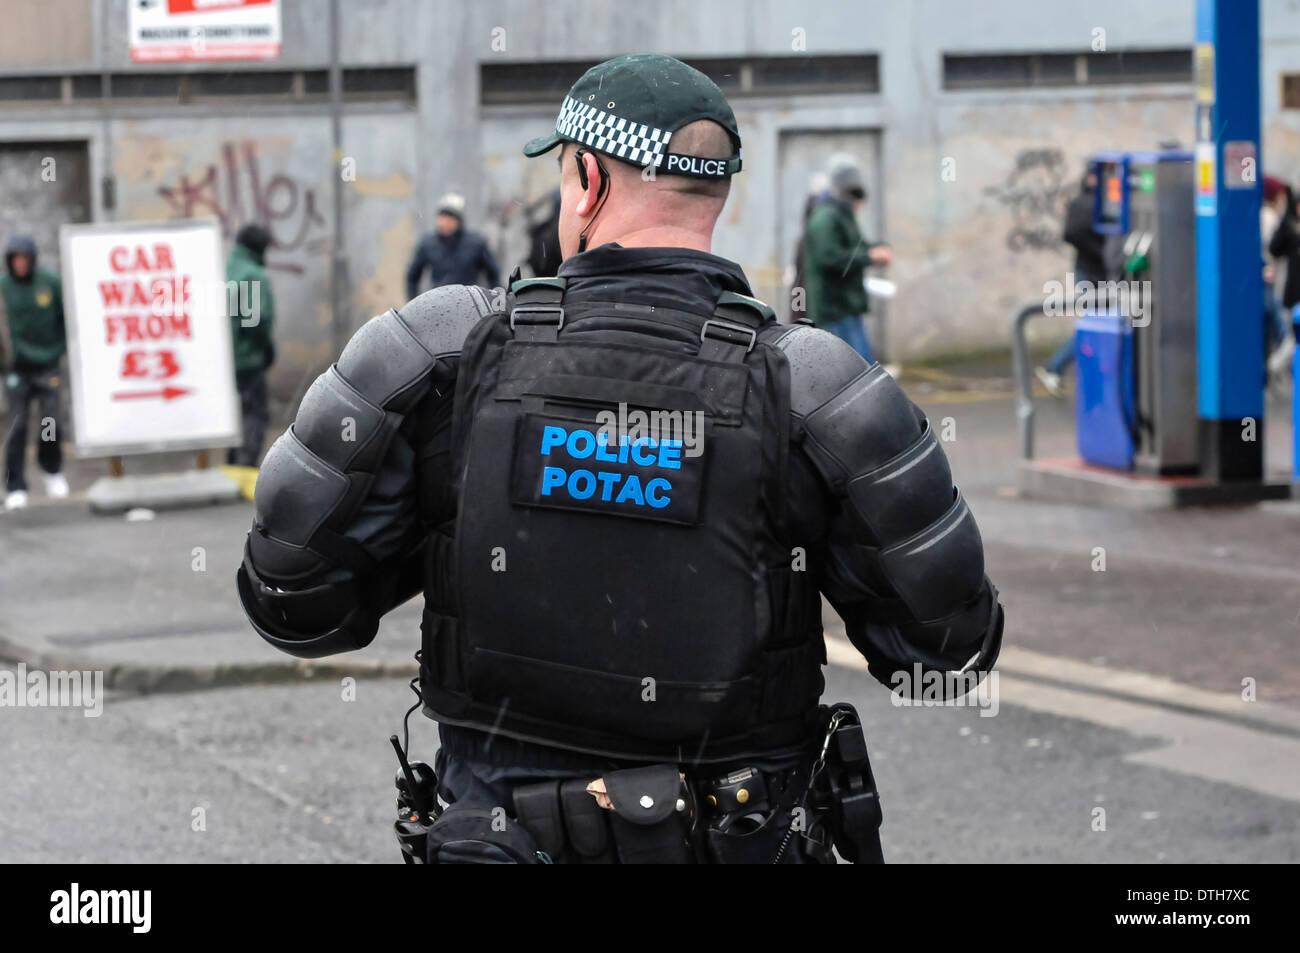 Service de police d'Irlande du Nord de l'ordre public PSNI Conseiller Tactique (POTAC) le port de vêtements protecteurs Photo Stock